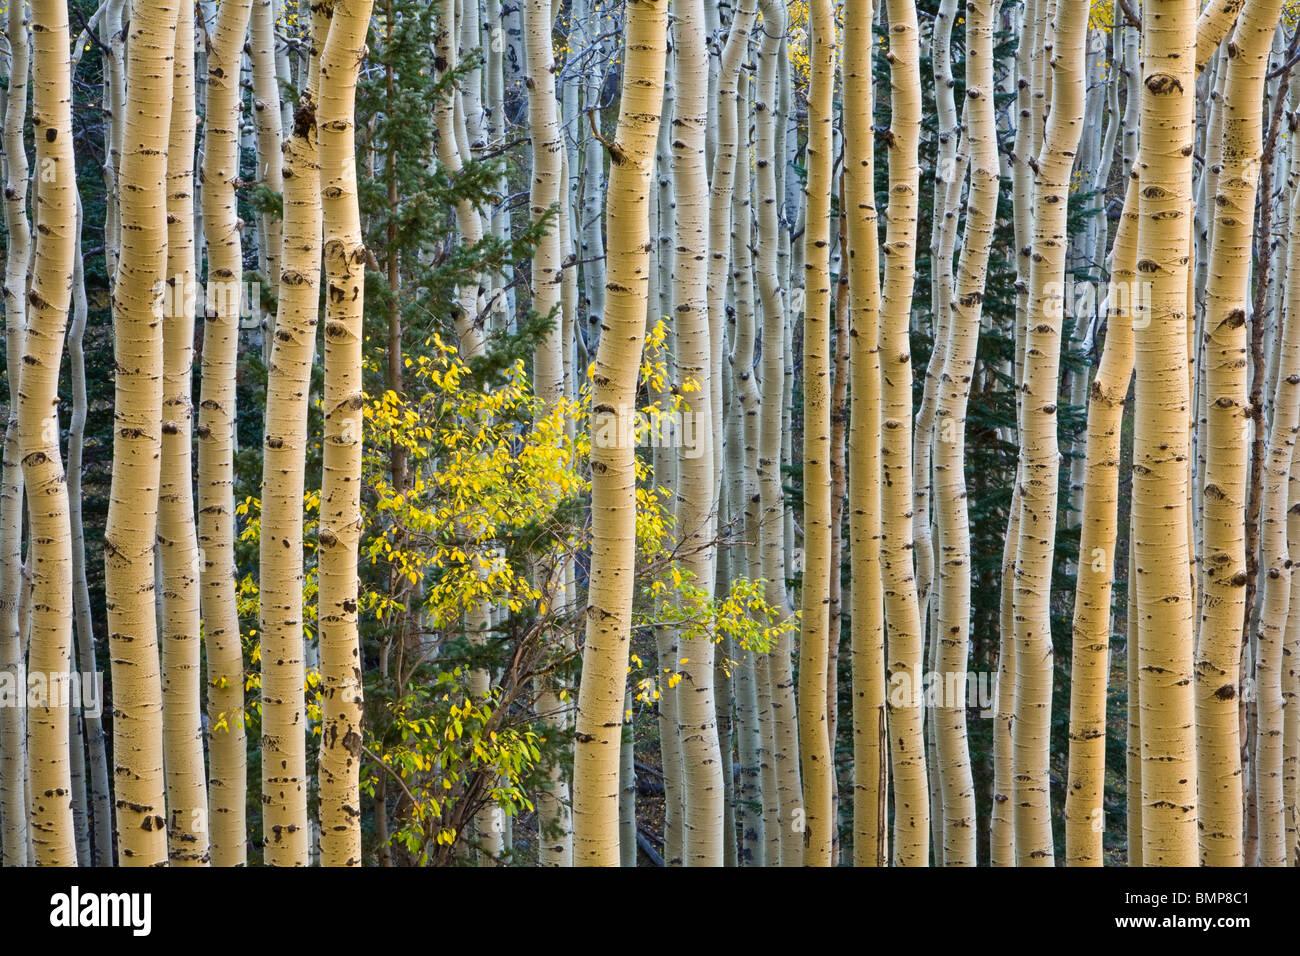 Baumgruppe im Herbst Espe mit gelben Reitens Baum hängen des San Francisco Peaks, Coconino National Forest, Arizona Stockfoto